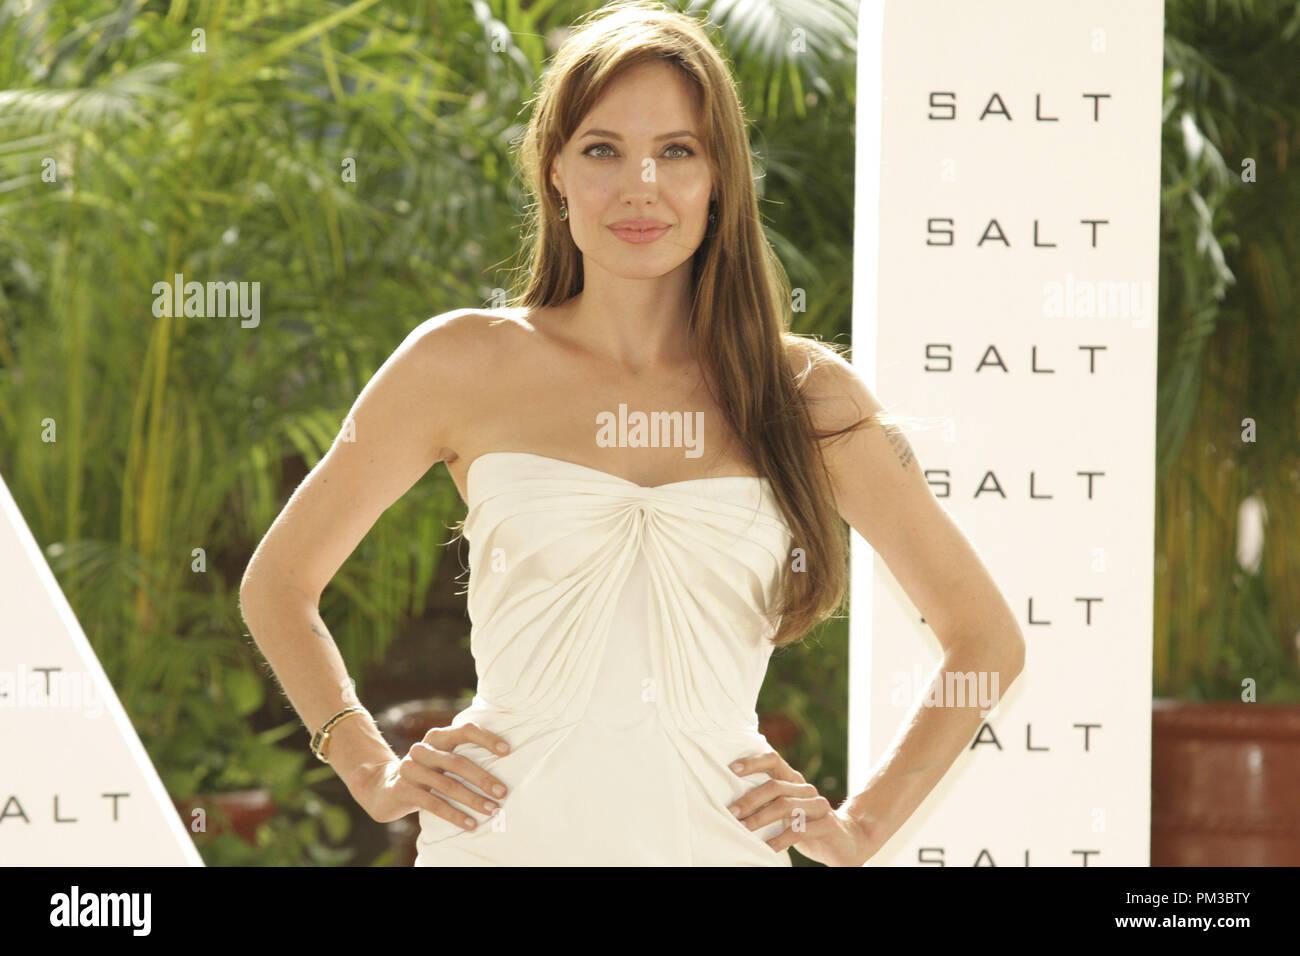 Cancún, México - El 30 de junio de 2010: Angelina Jolie en Columbia Pictures Foto sal llamada retenida en el verano de Sony. Archivo de referencia # 30317_001CCI sólo para uso editorial - Todos los derechos reservados Imagen De Stock